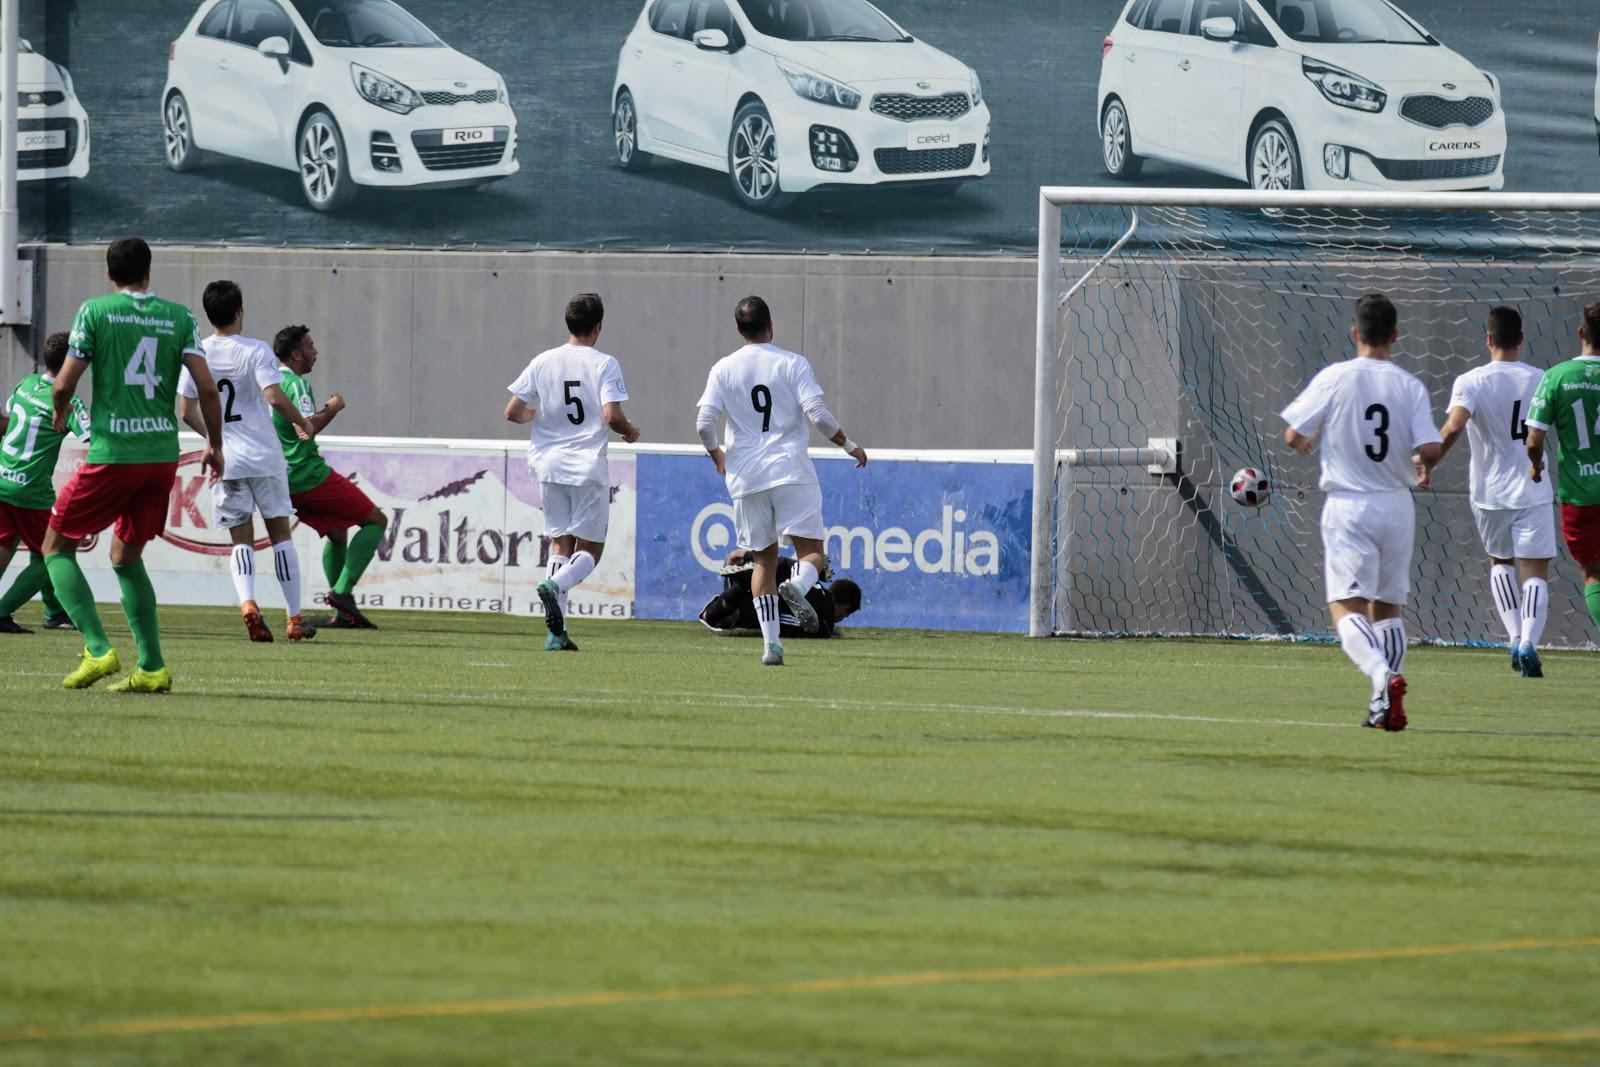 Tercera División J3 G7. Aficionado A vs Trival Valderas (Por Ángel García)